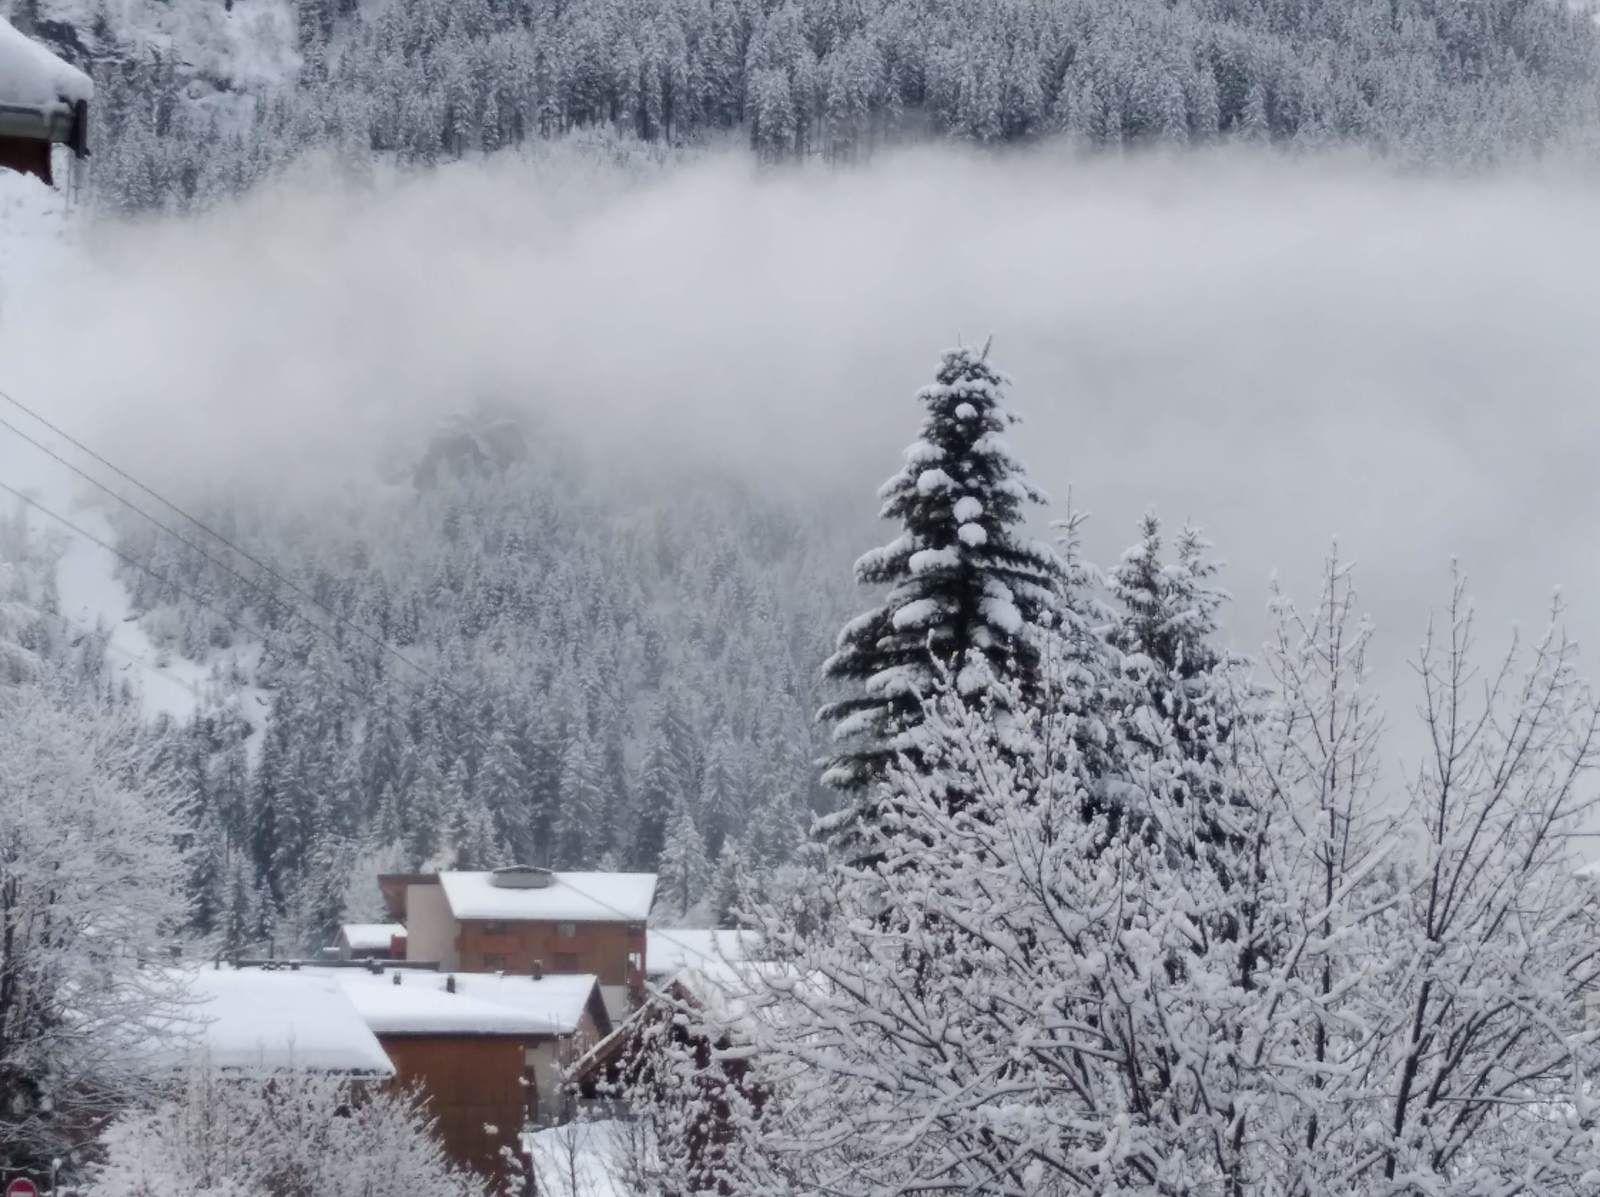 Le village de Pralognan la Vanoise dans la brume